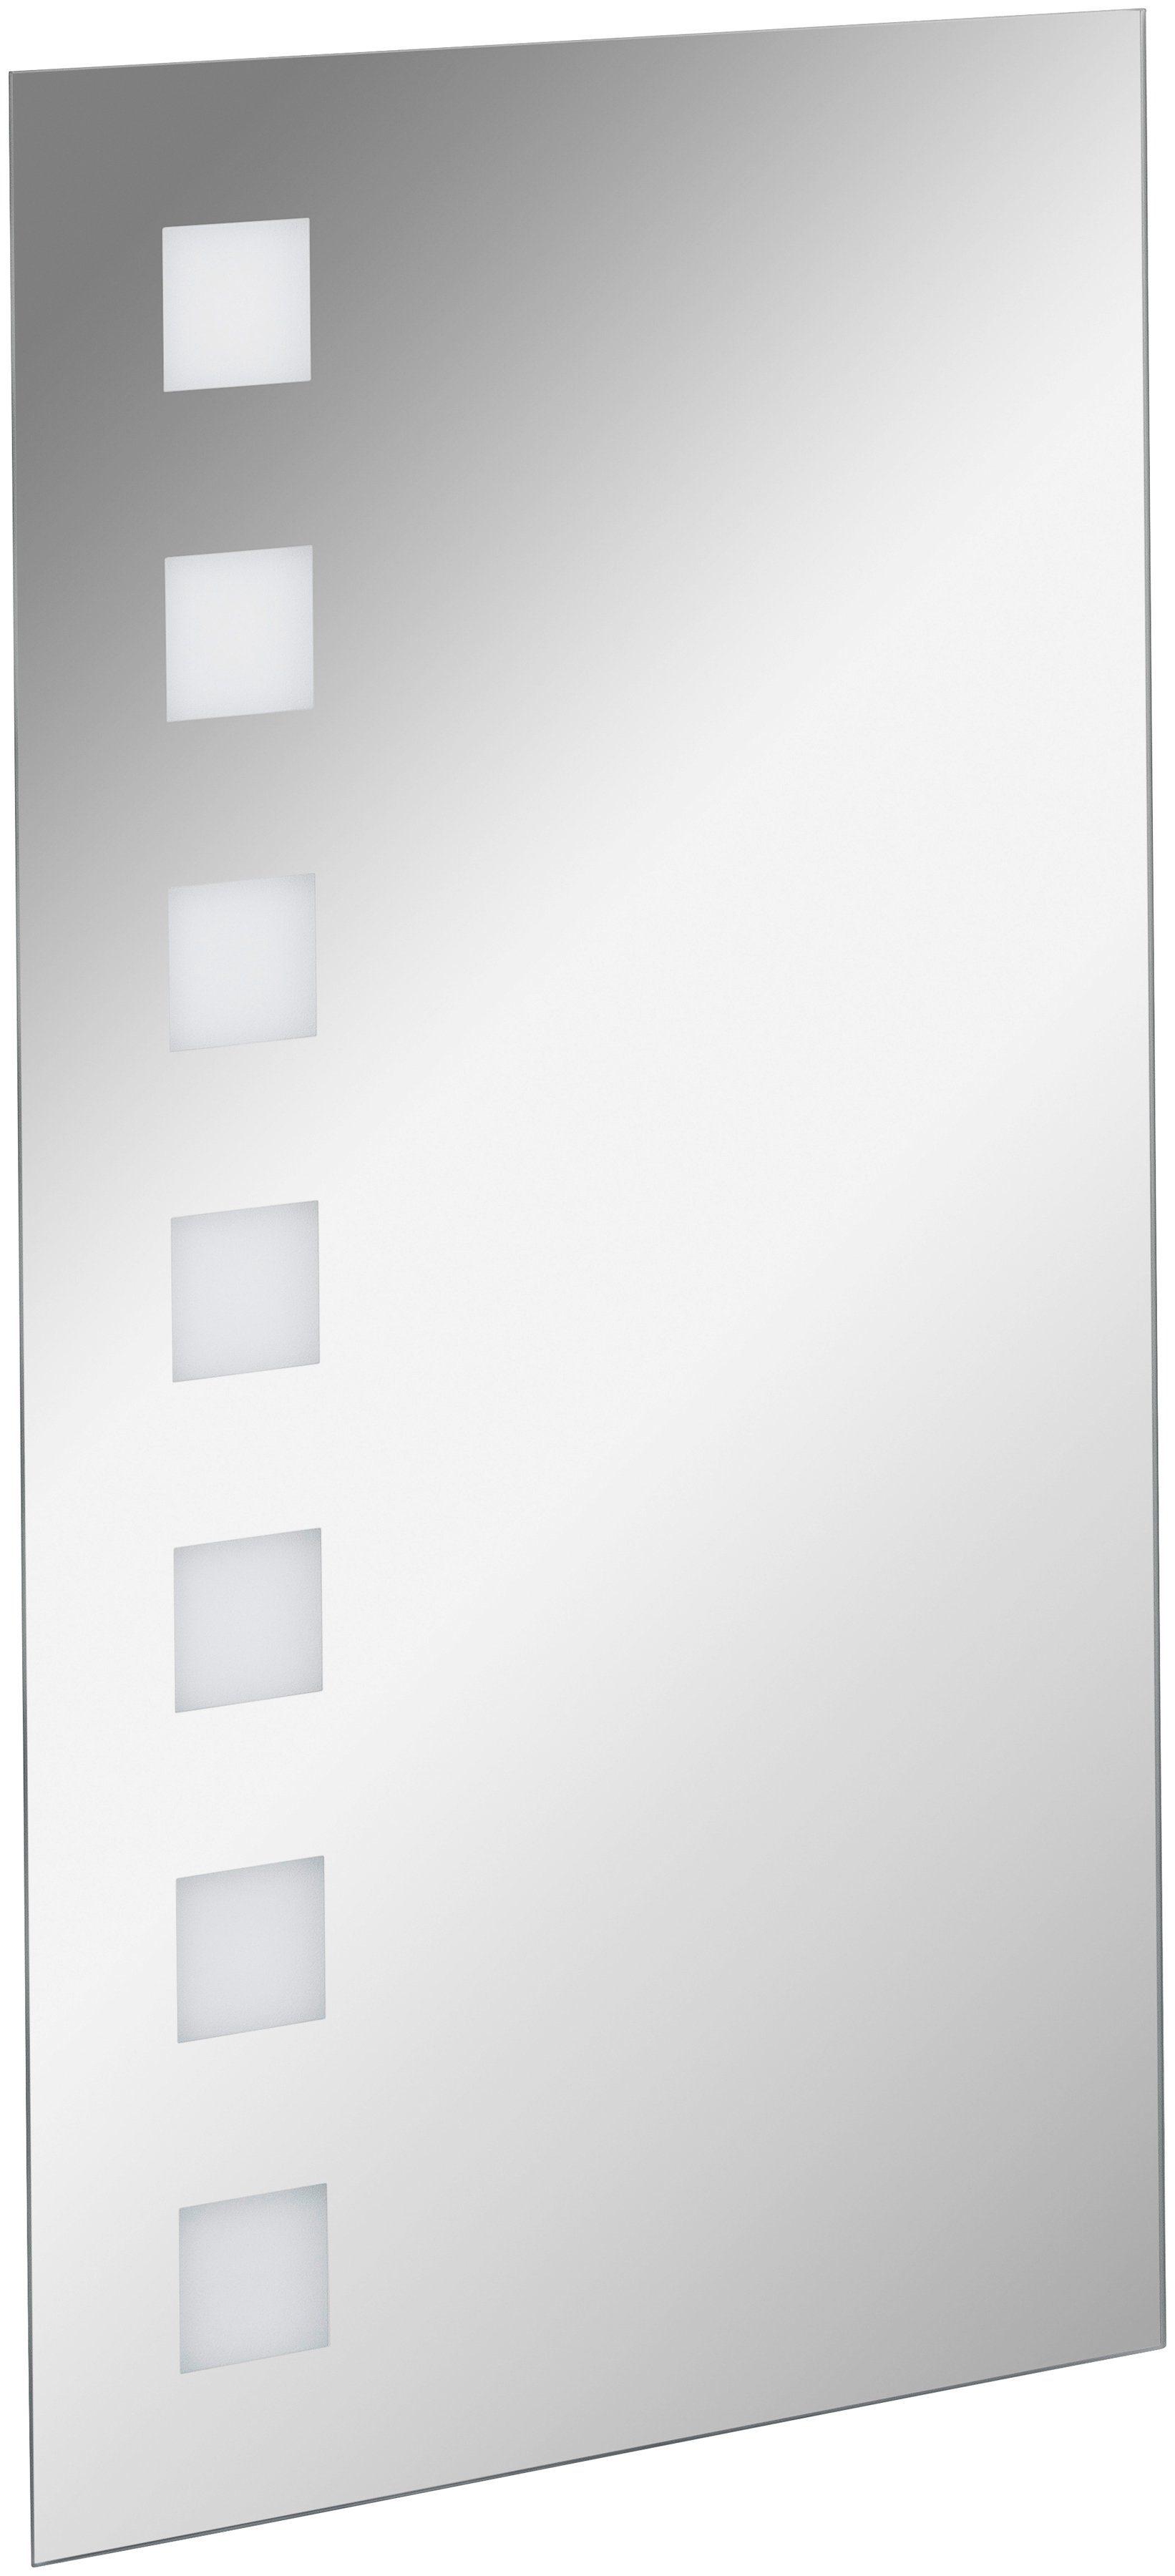 FACKELMANN Spiegelelement »KARO«, Breite 40 cm, mit Ambientelicht